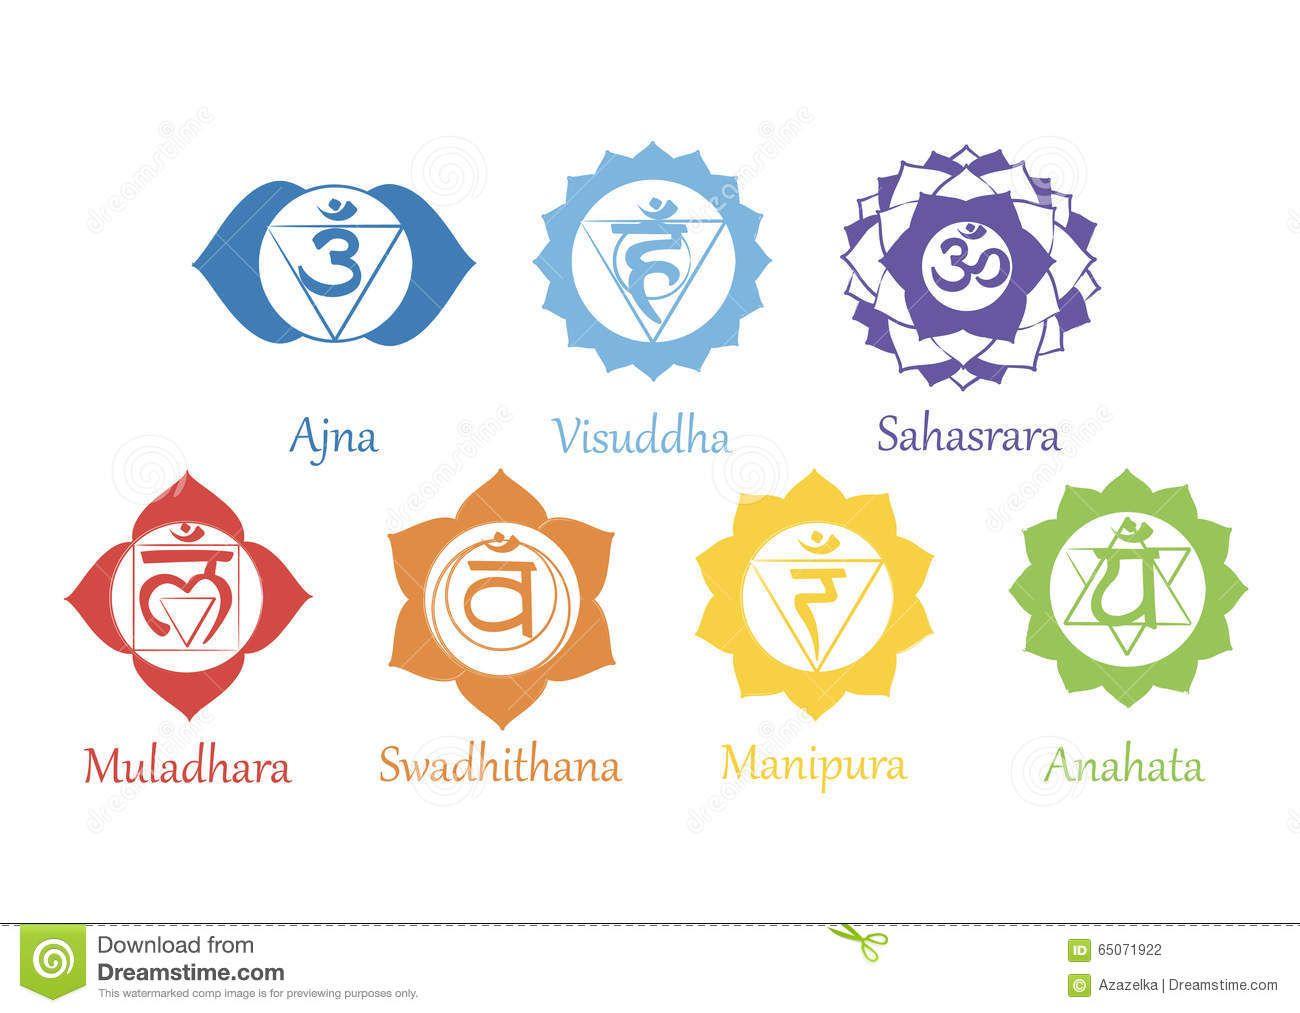 chakras-icons-concept-chakras-used-hinduism-buddhism ...